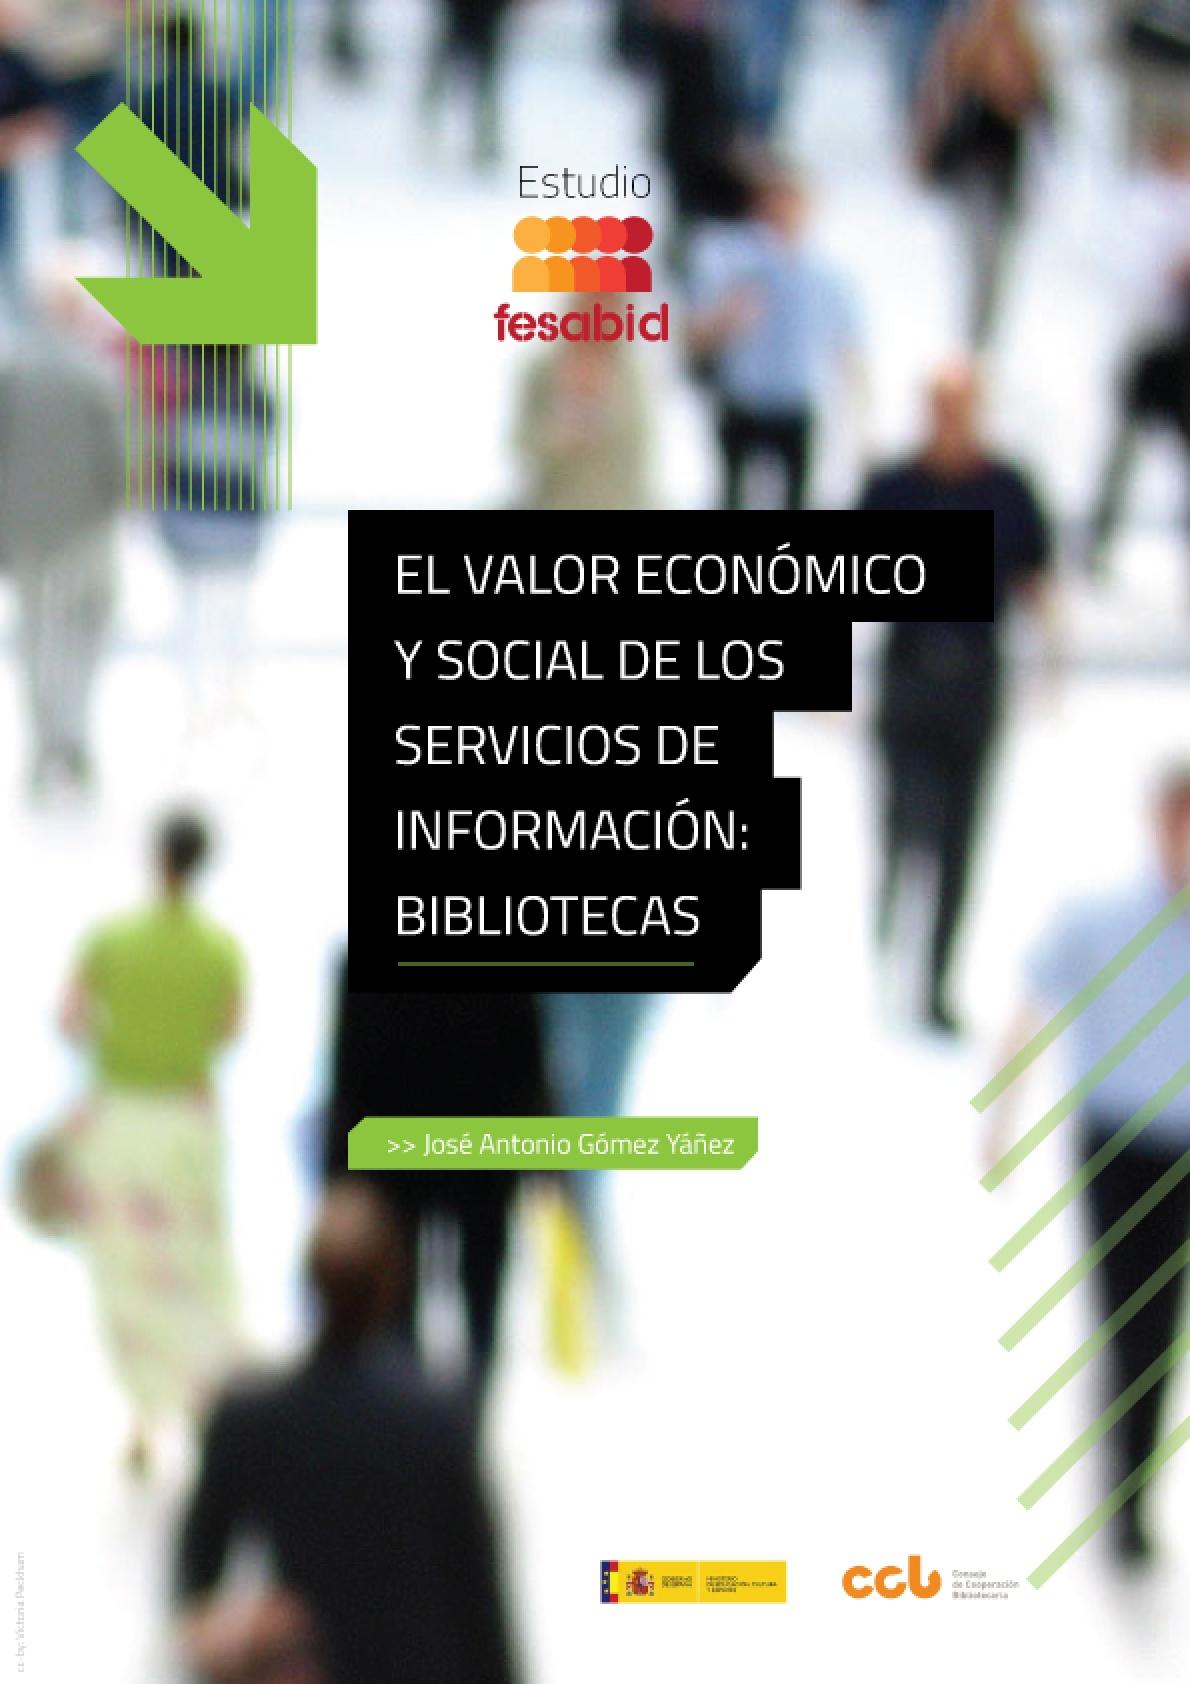 Estudio Fesabid. El valor económico y social de los servicios de información: bibliotecas